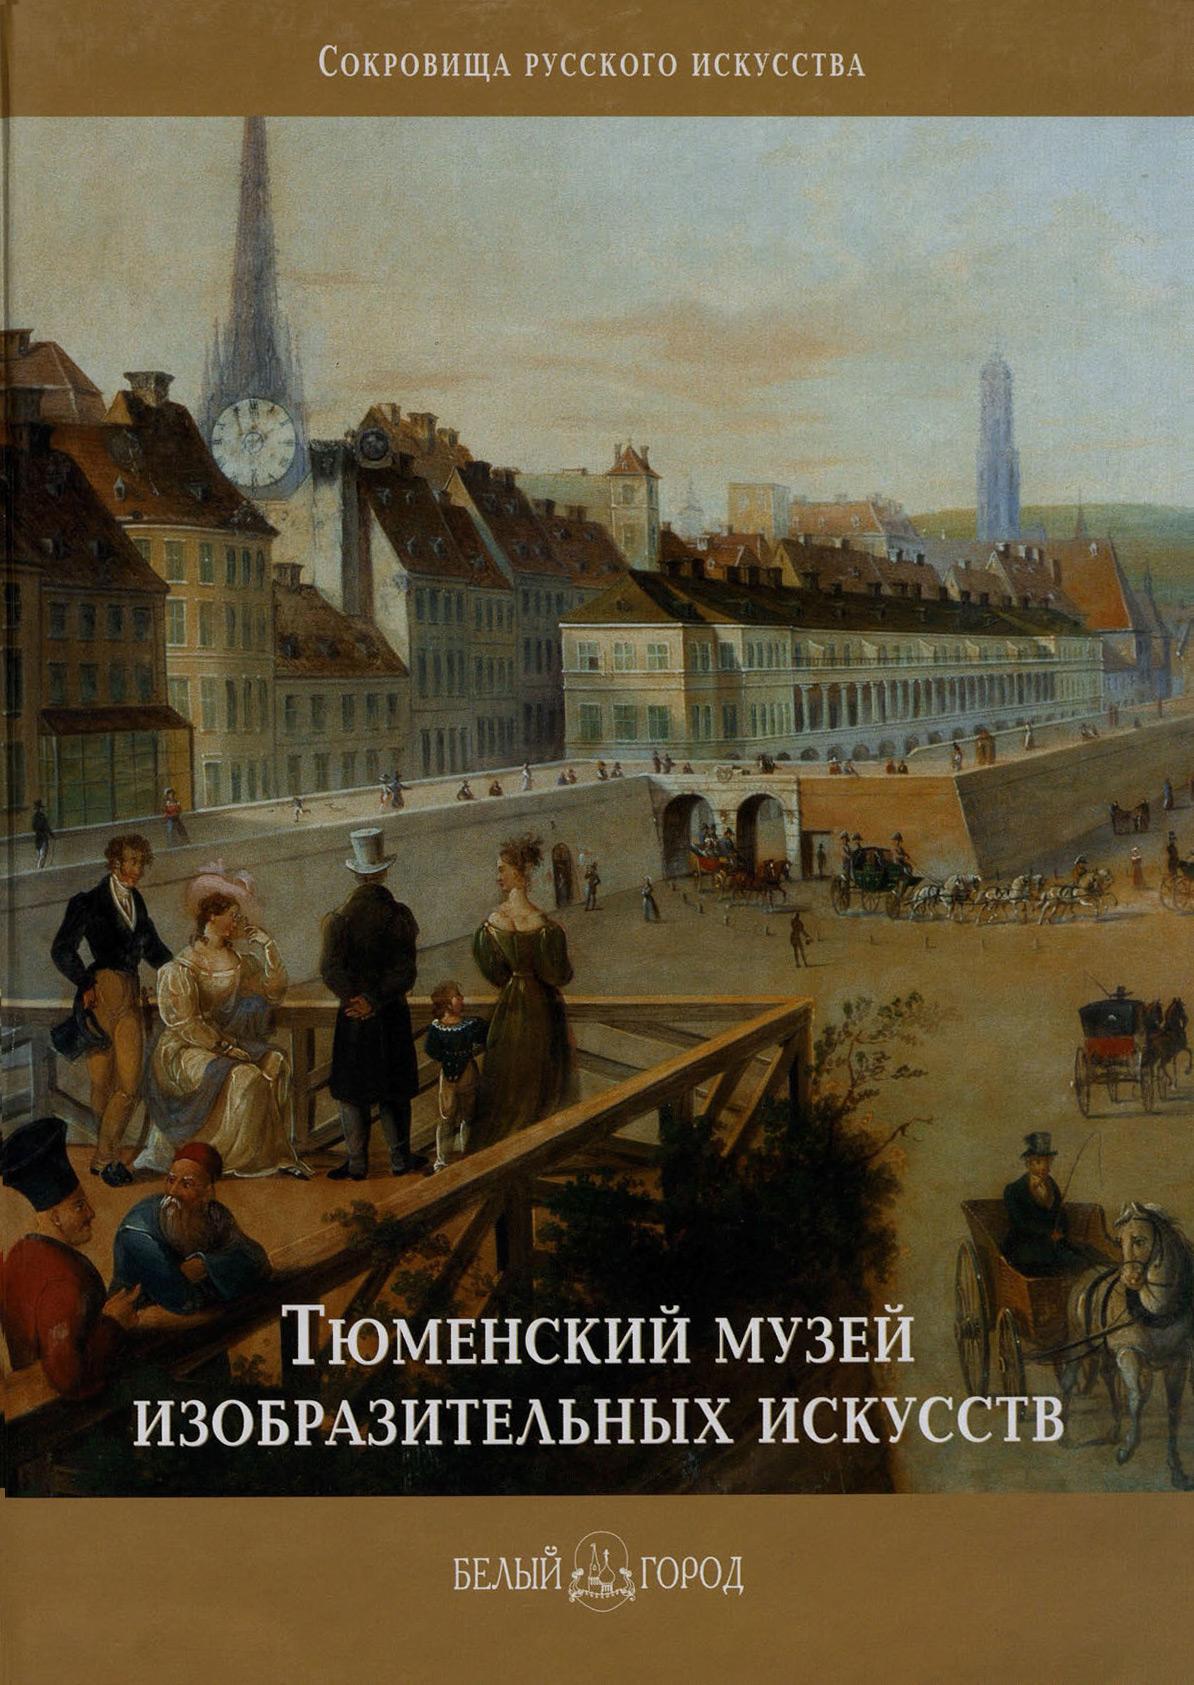 цена на Коллектив авторов Тюменский музей изобразительных искусств